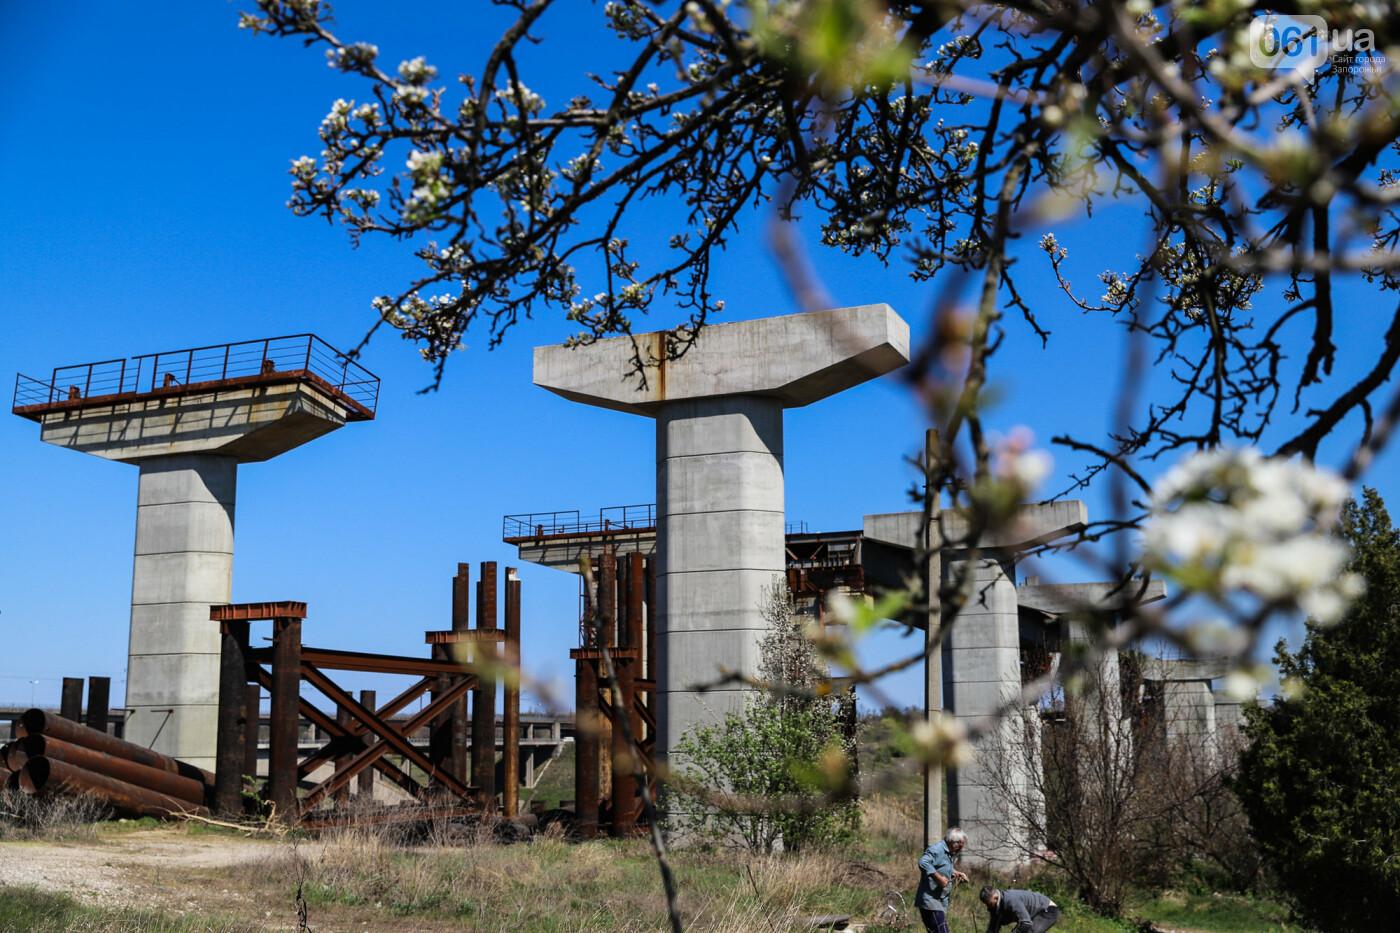 На запорожские мосты выделено 2,7 миллиарда: что сейчас проиходит стройплощадке, - ФОТОРЕПОРТАЖ, фото-31